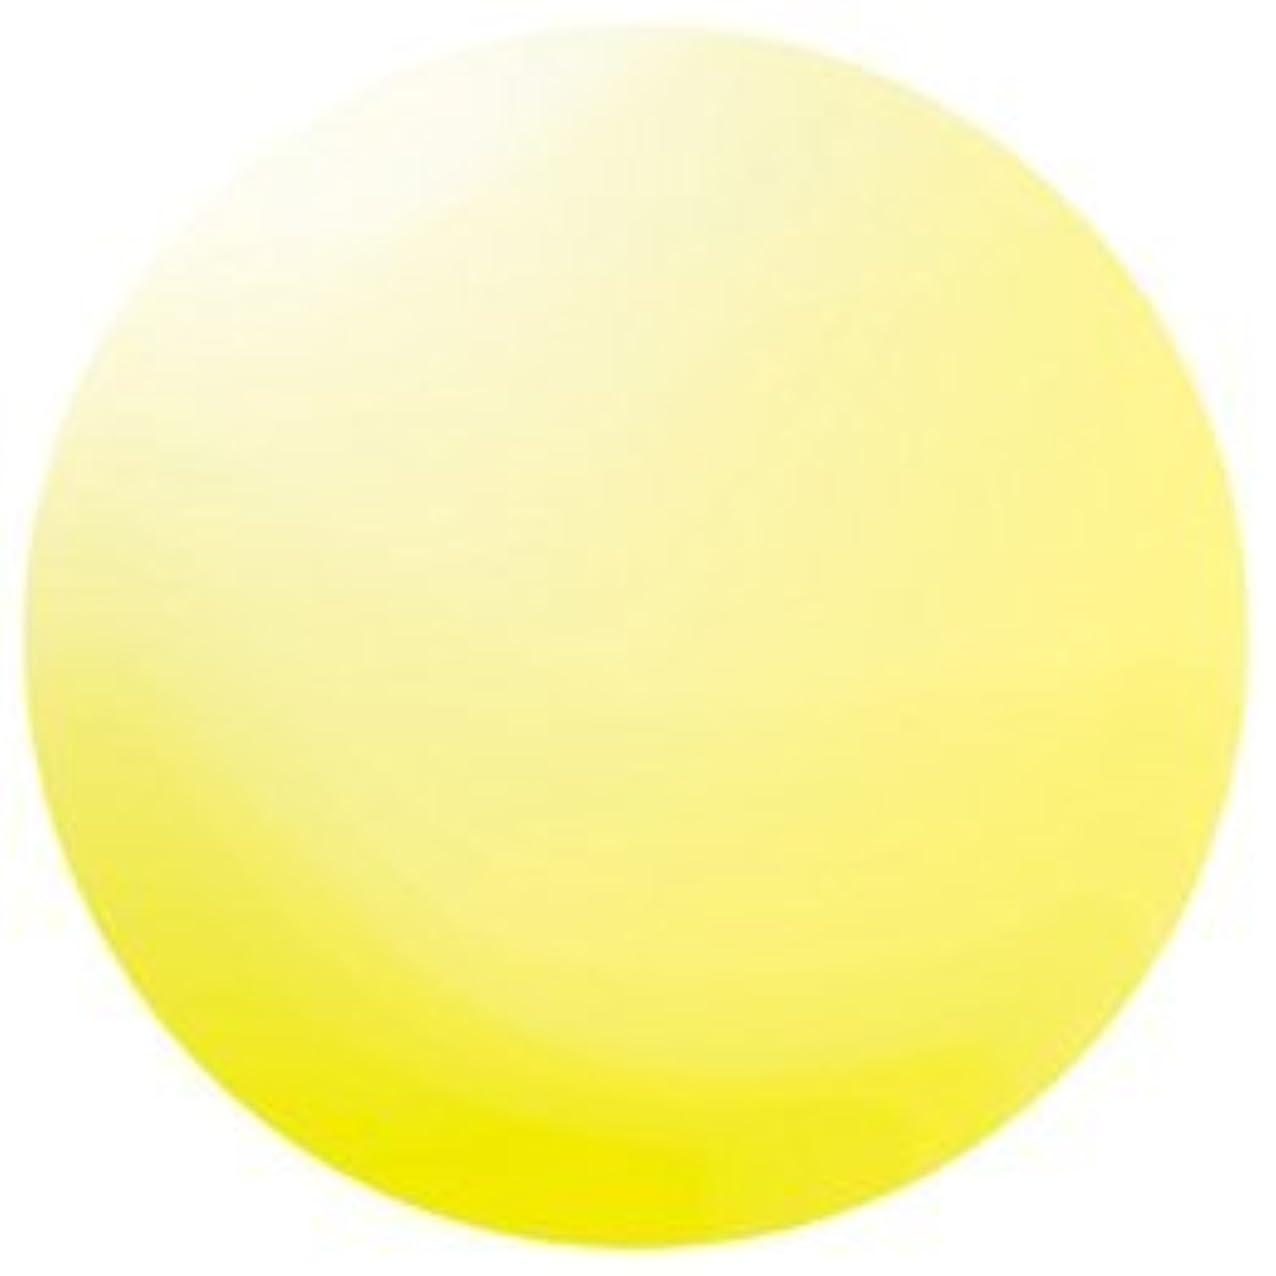 不健全麻酔薬嵐のKOKOIST カラージェル E-137 4g カナリーイエロービーチグラス